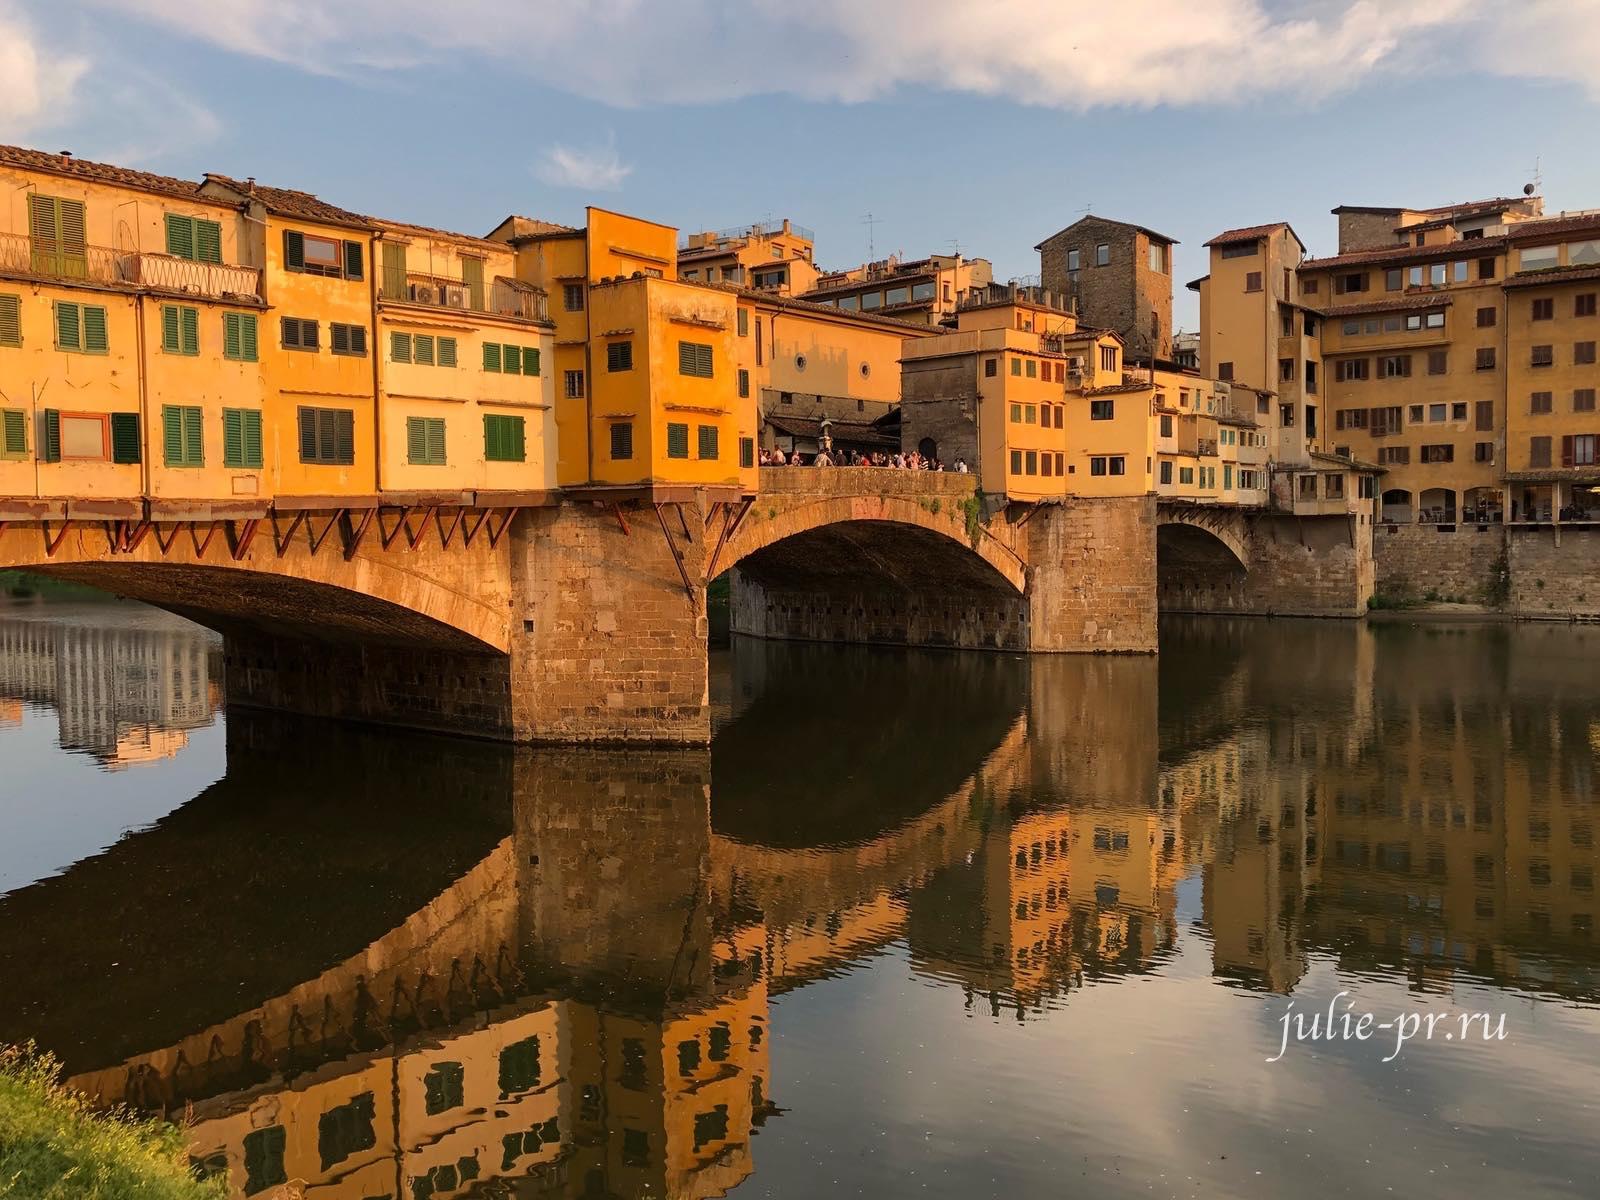 Флоренция, Италия, Понте-Веккьо, Ponte Vecchio, Старый мост